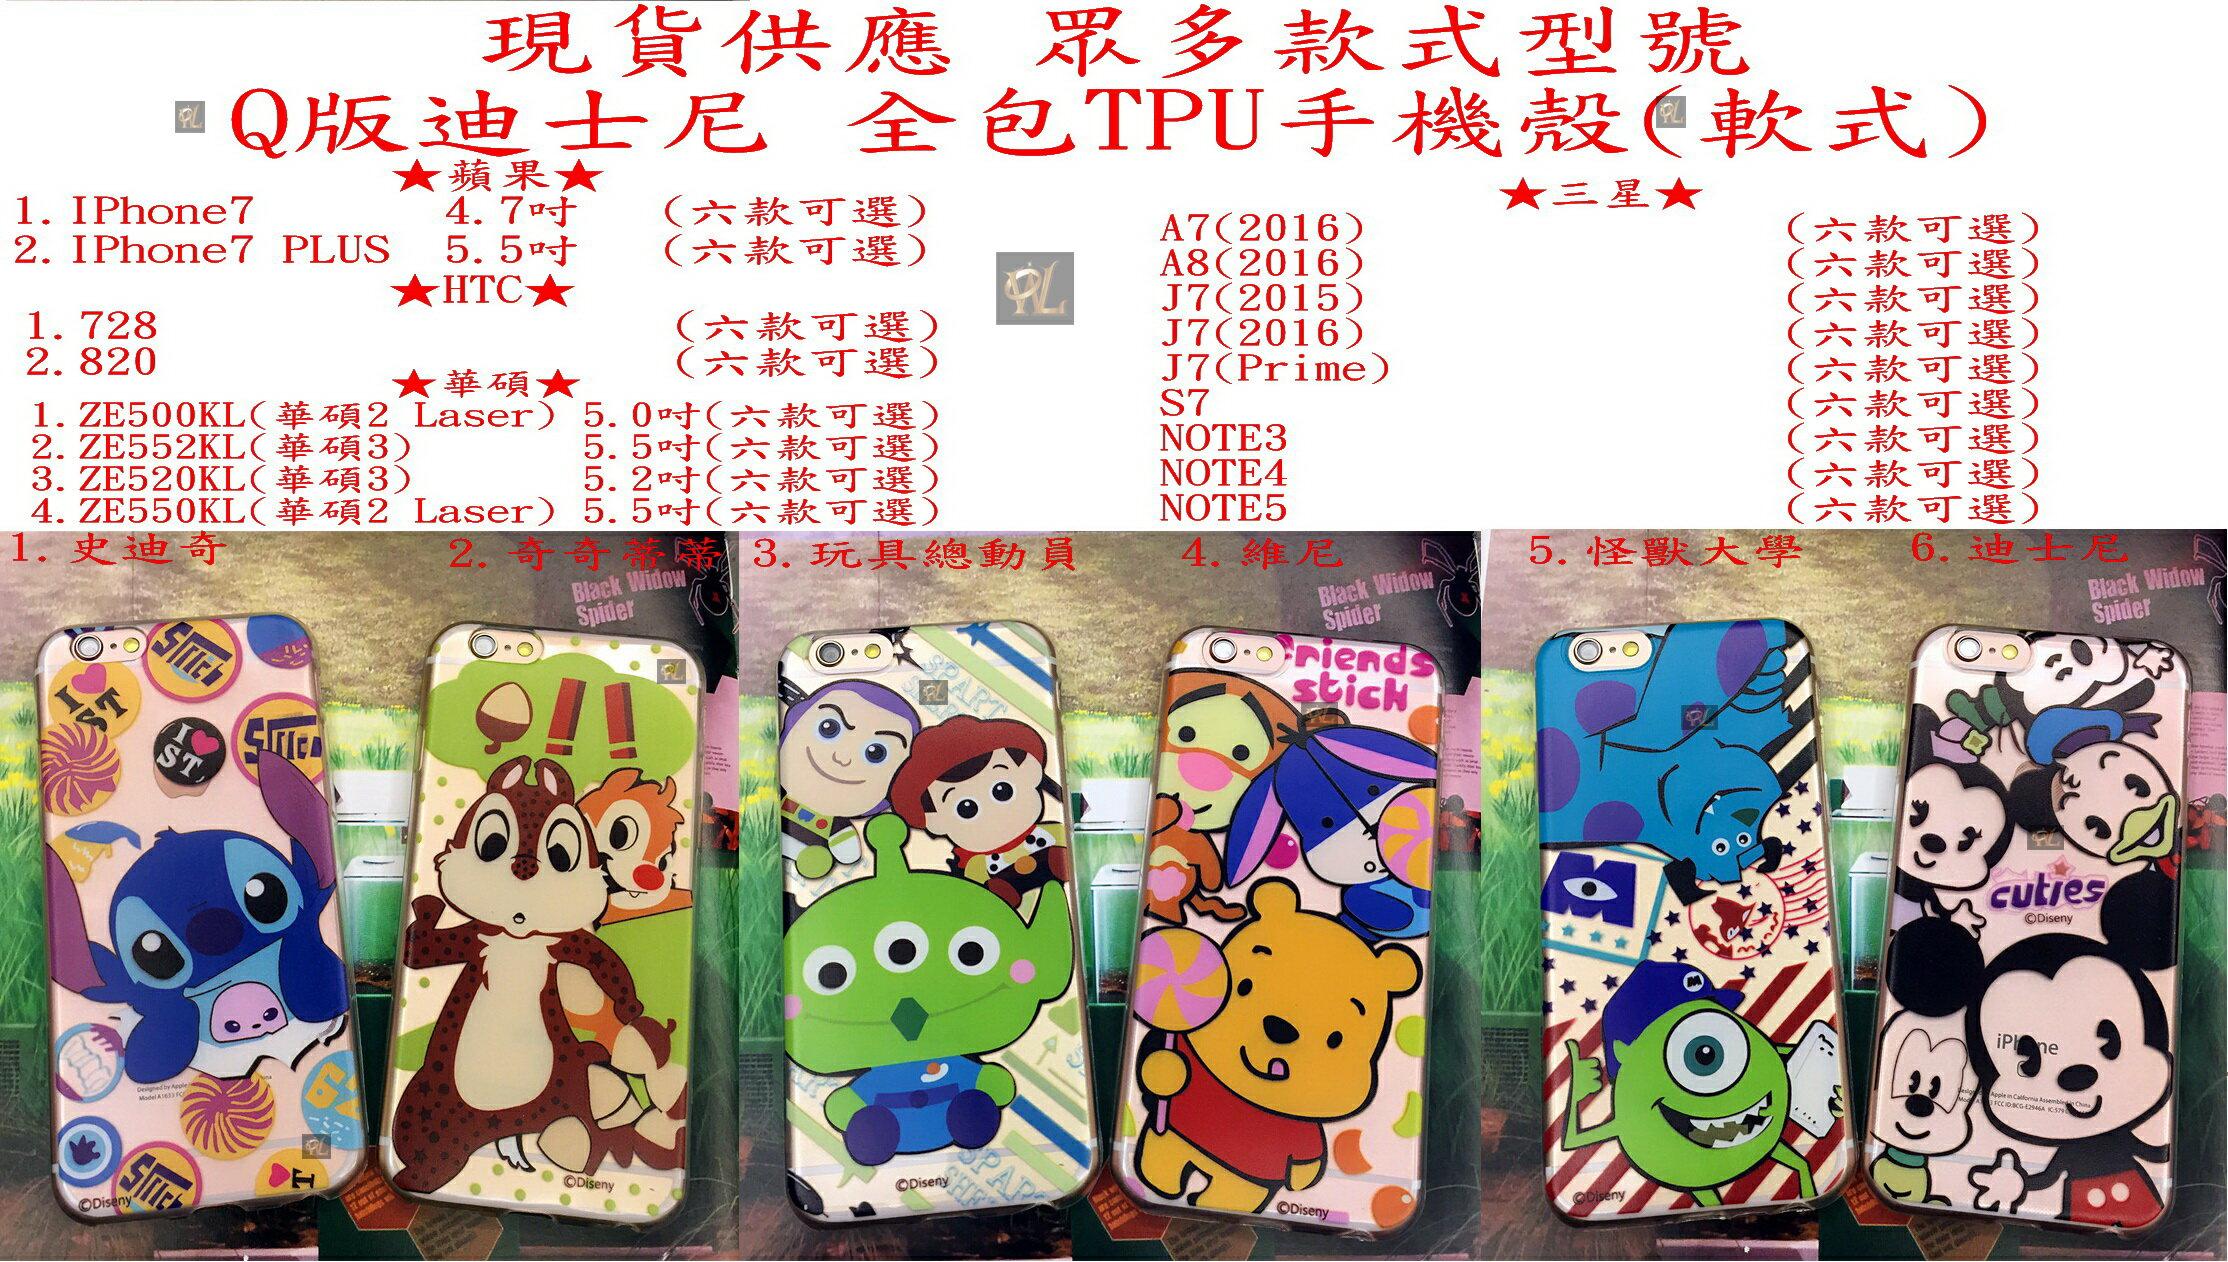 HTC賣場 728 820卡通 超可愛 Q版 史迪奇 奇奇 蒂蒂 三眼怪 維尼 大眼仔 米奇 米妮 毛怪 超薄 全包式手機殼 [TPU軟殼]不傷手機! 裸機手感